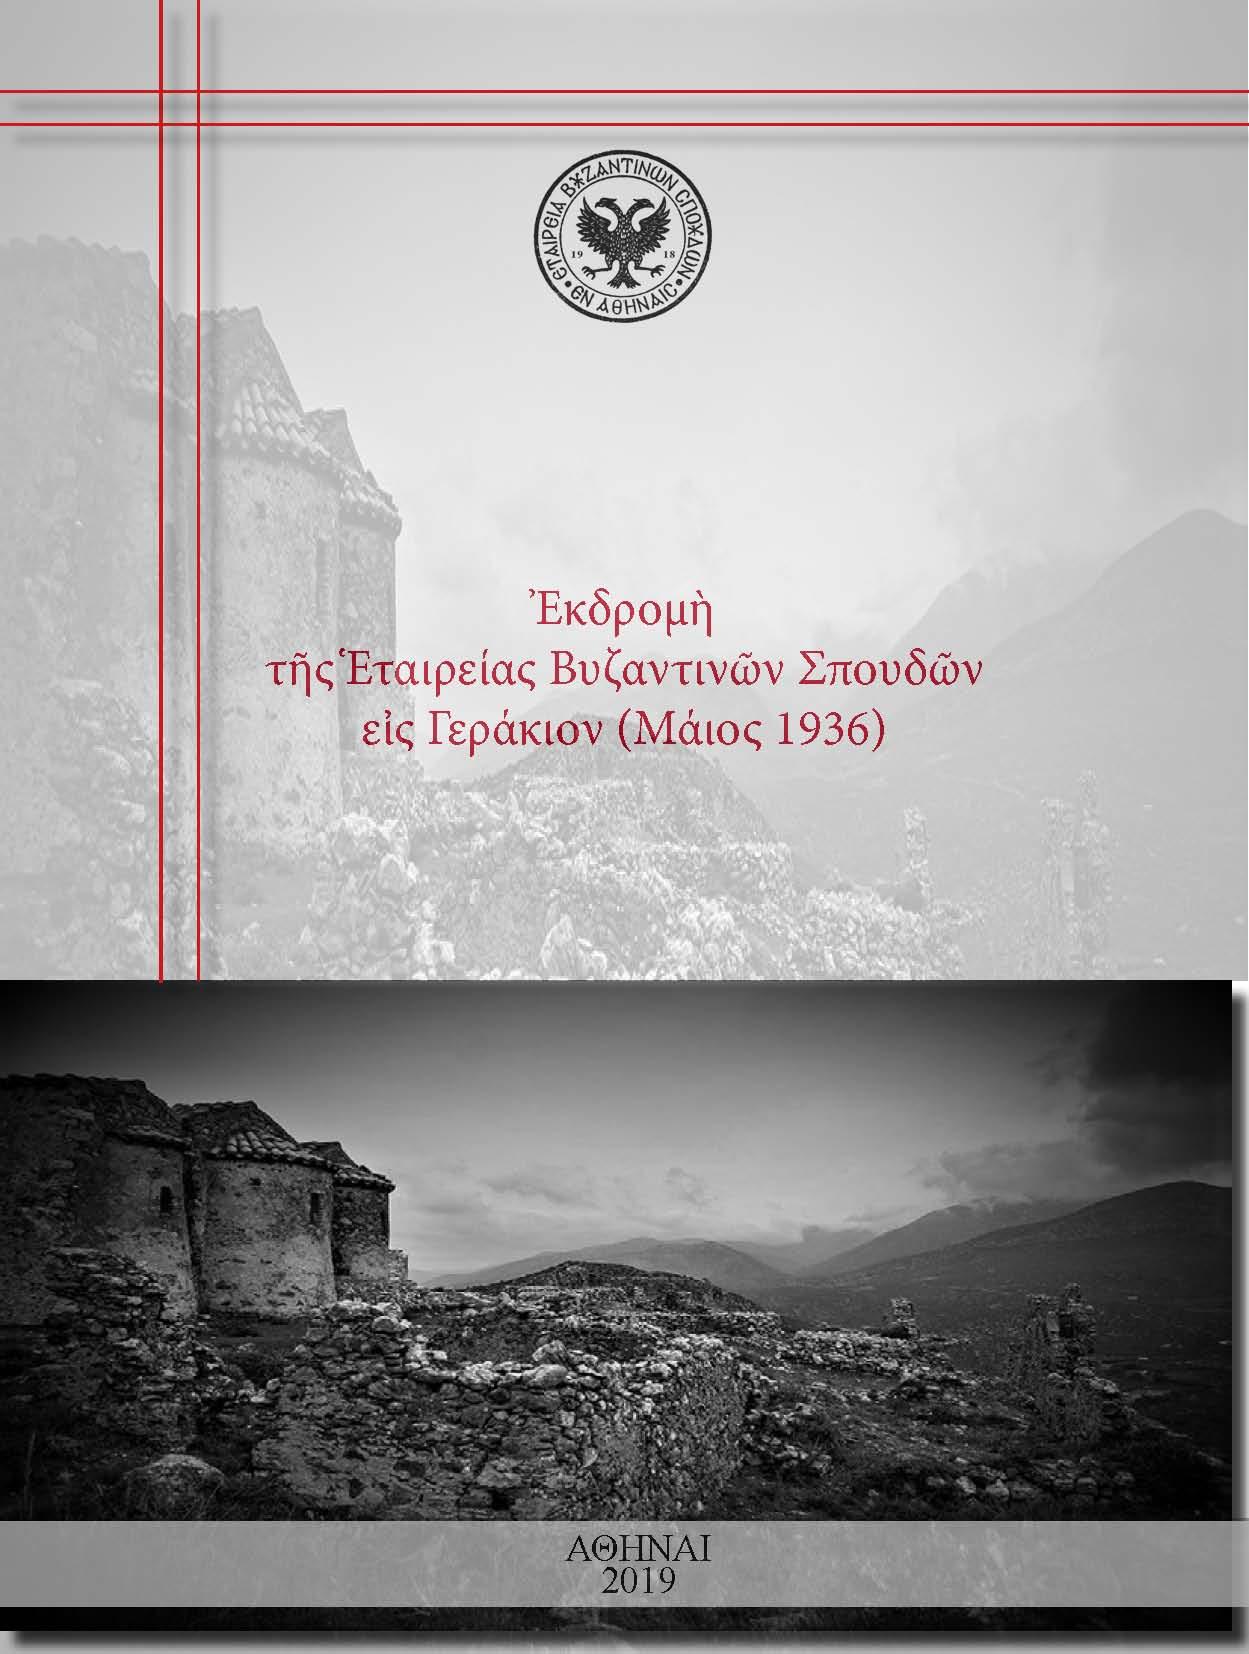 Ἐκδρομὴ τῆς Ἑταιρείας Βυζαντινῶν Σπουδῶν εἰς Γεράκιον (Μάιος 1936)